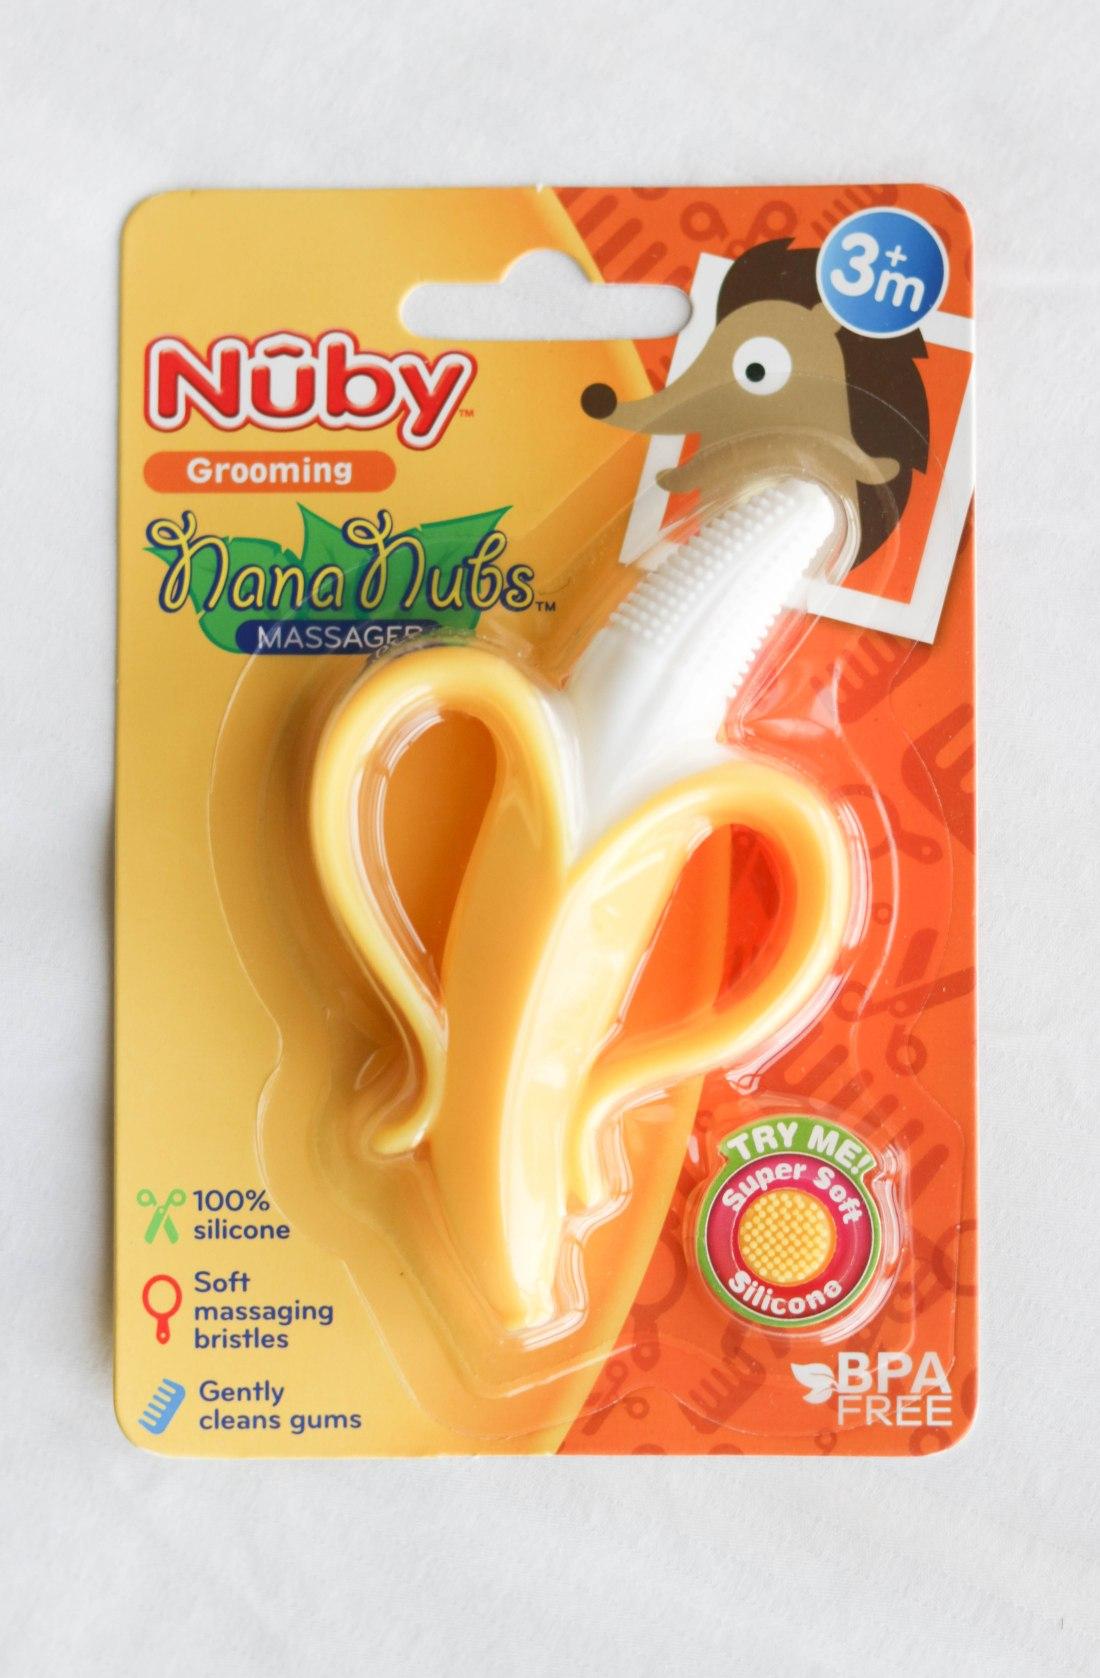 MQ_nuby1